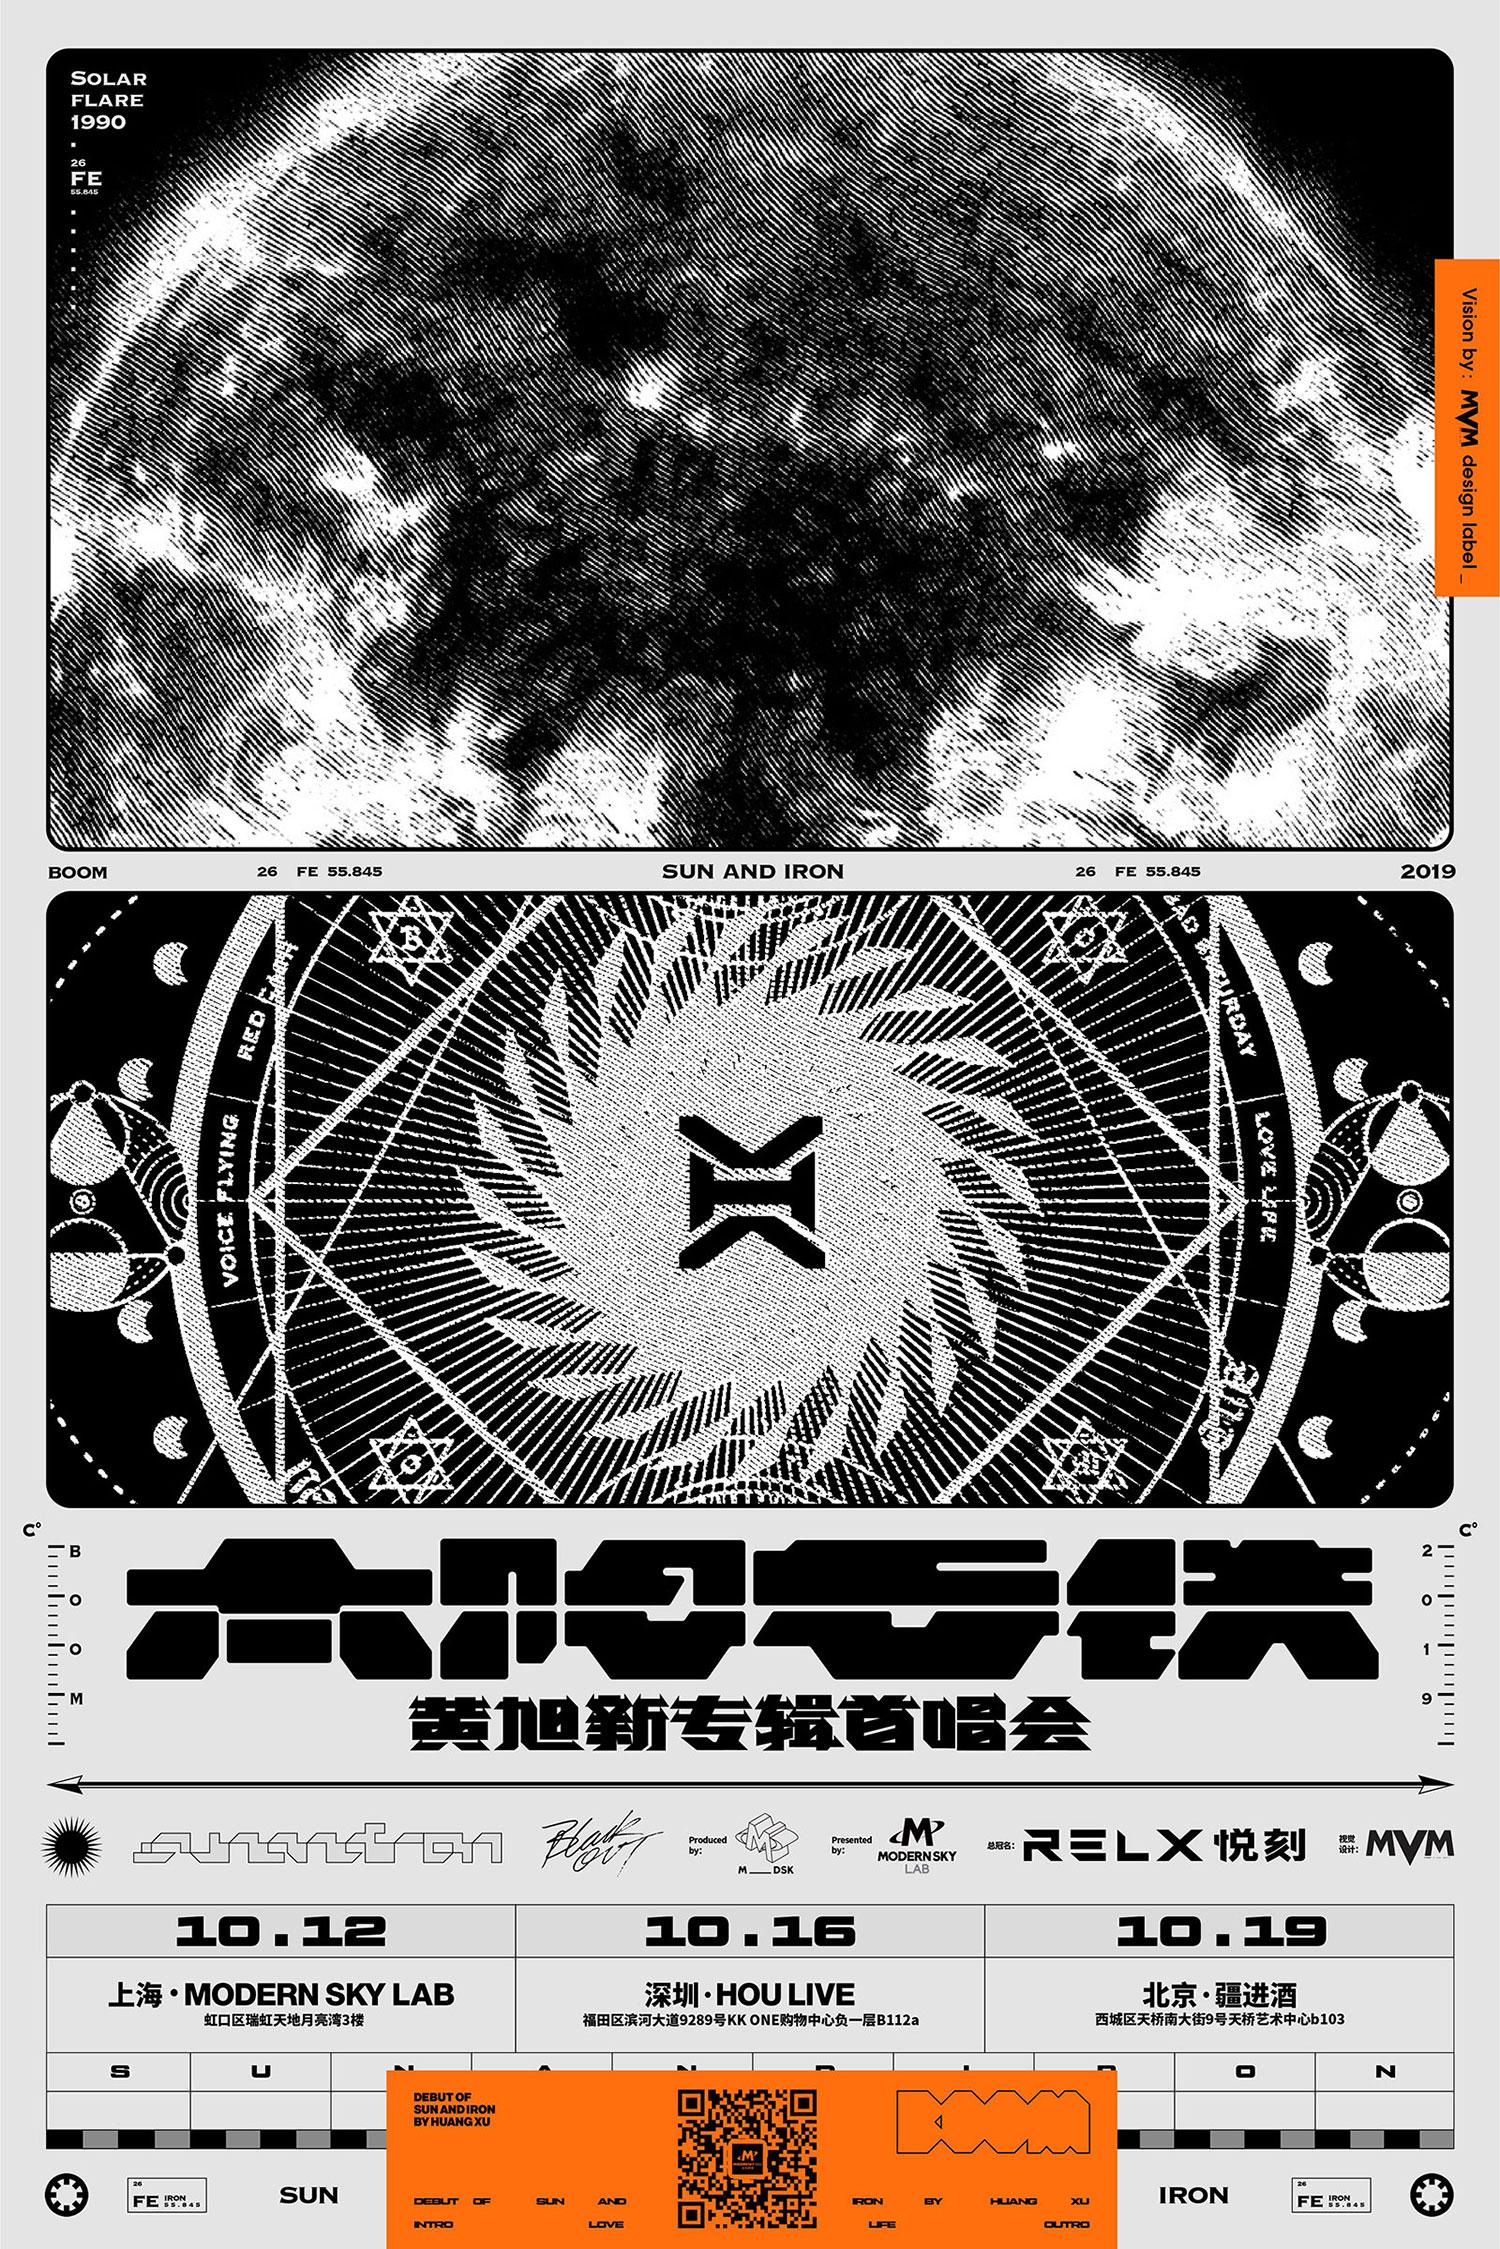 2019【太阳与铁】Sun and Iron  新专辑首唱会